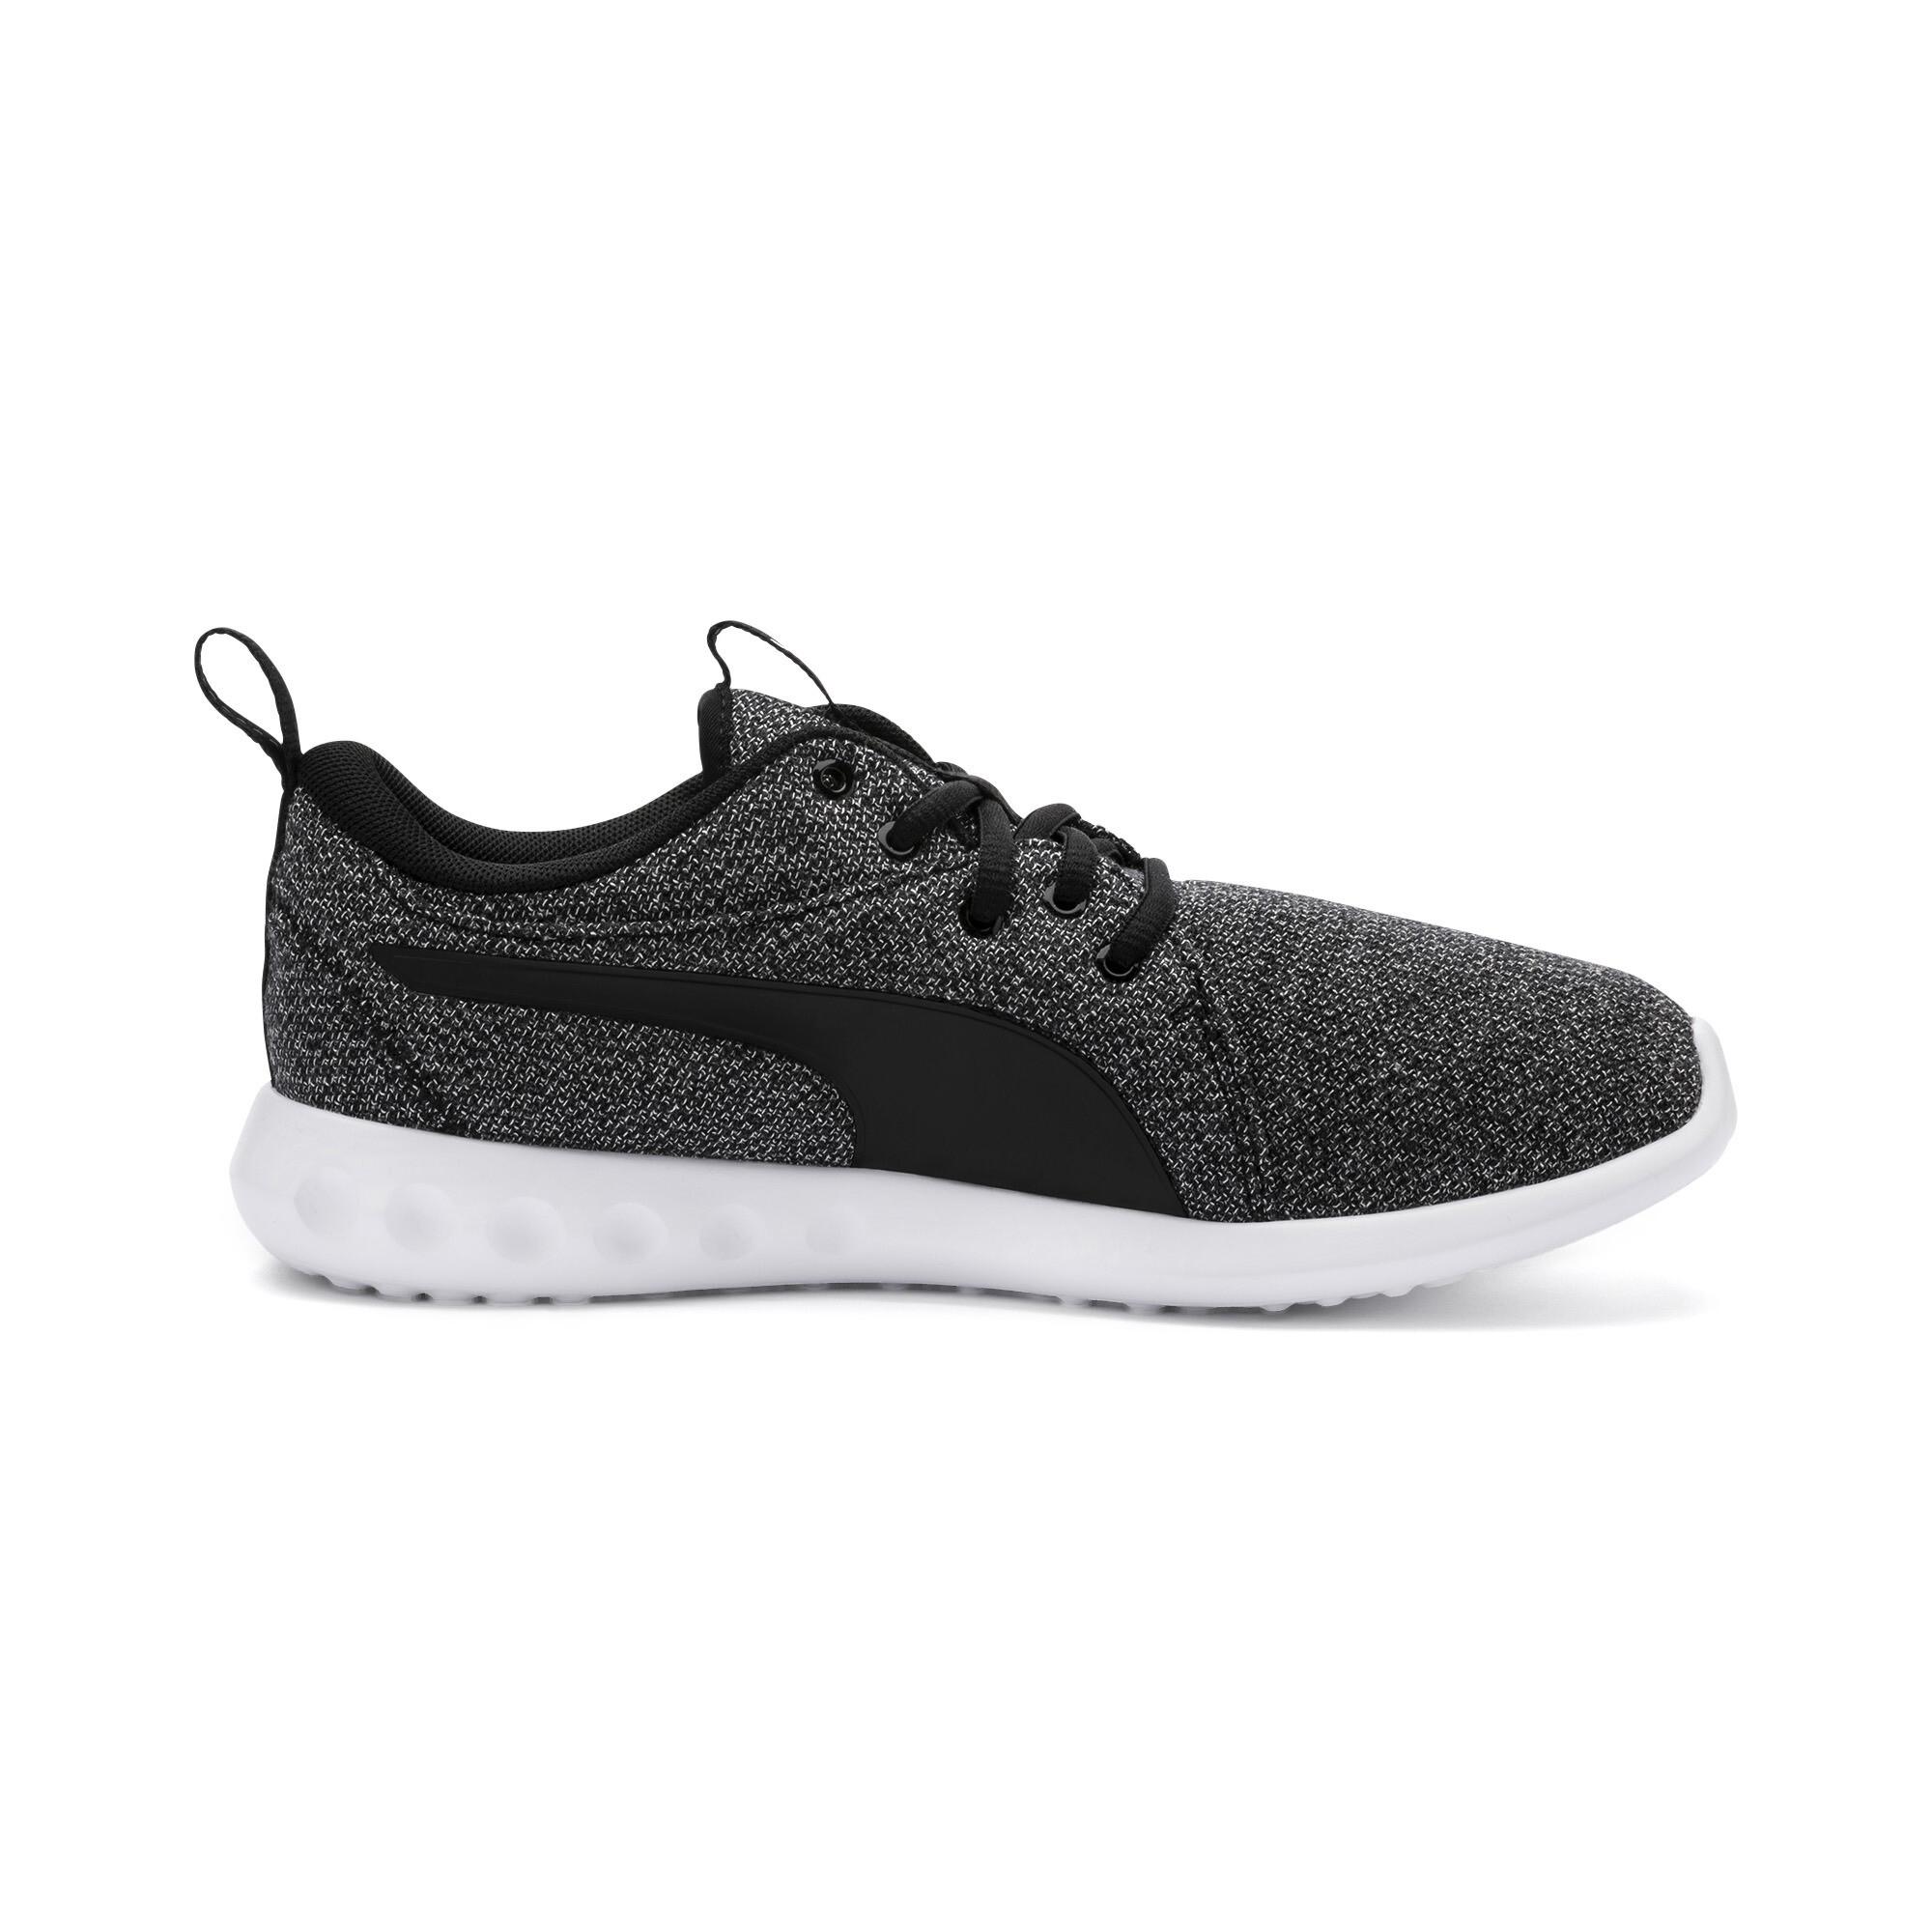 PUMA-Carson-2-Knit-Women-039-s-Running-Shoes-Women-Shoe-Running thumbnail 25